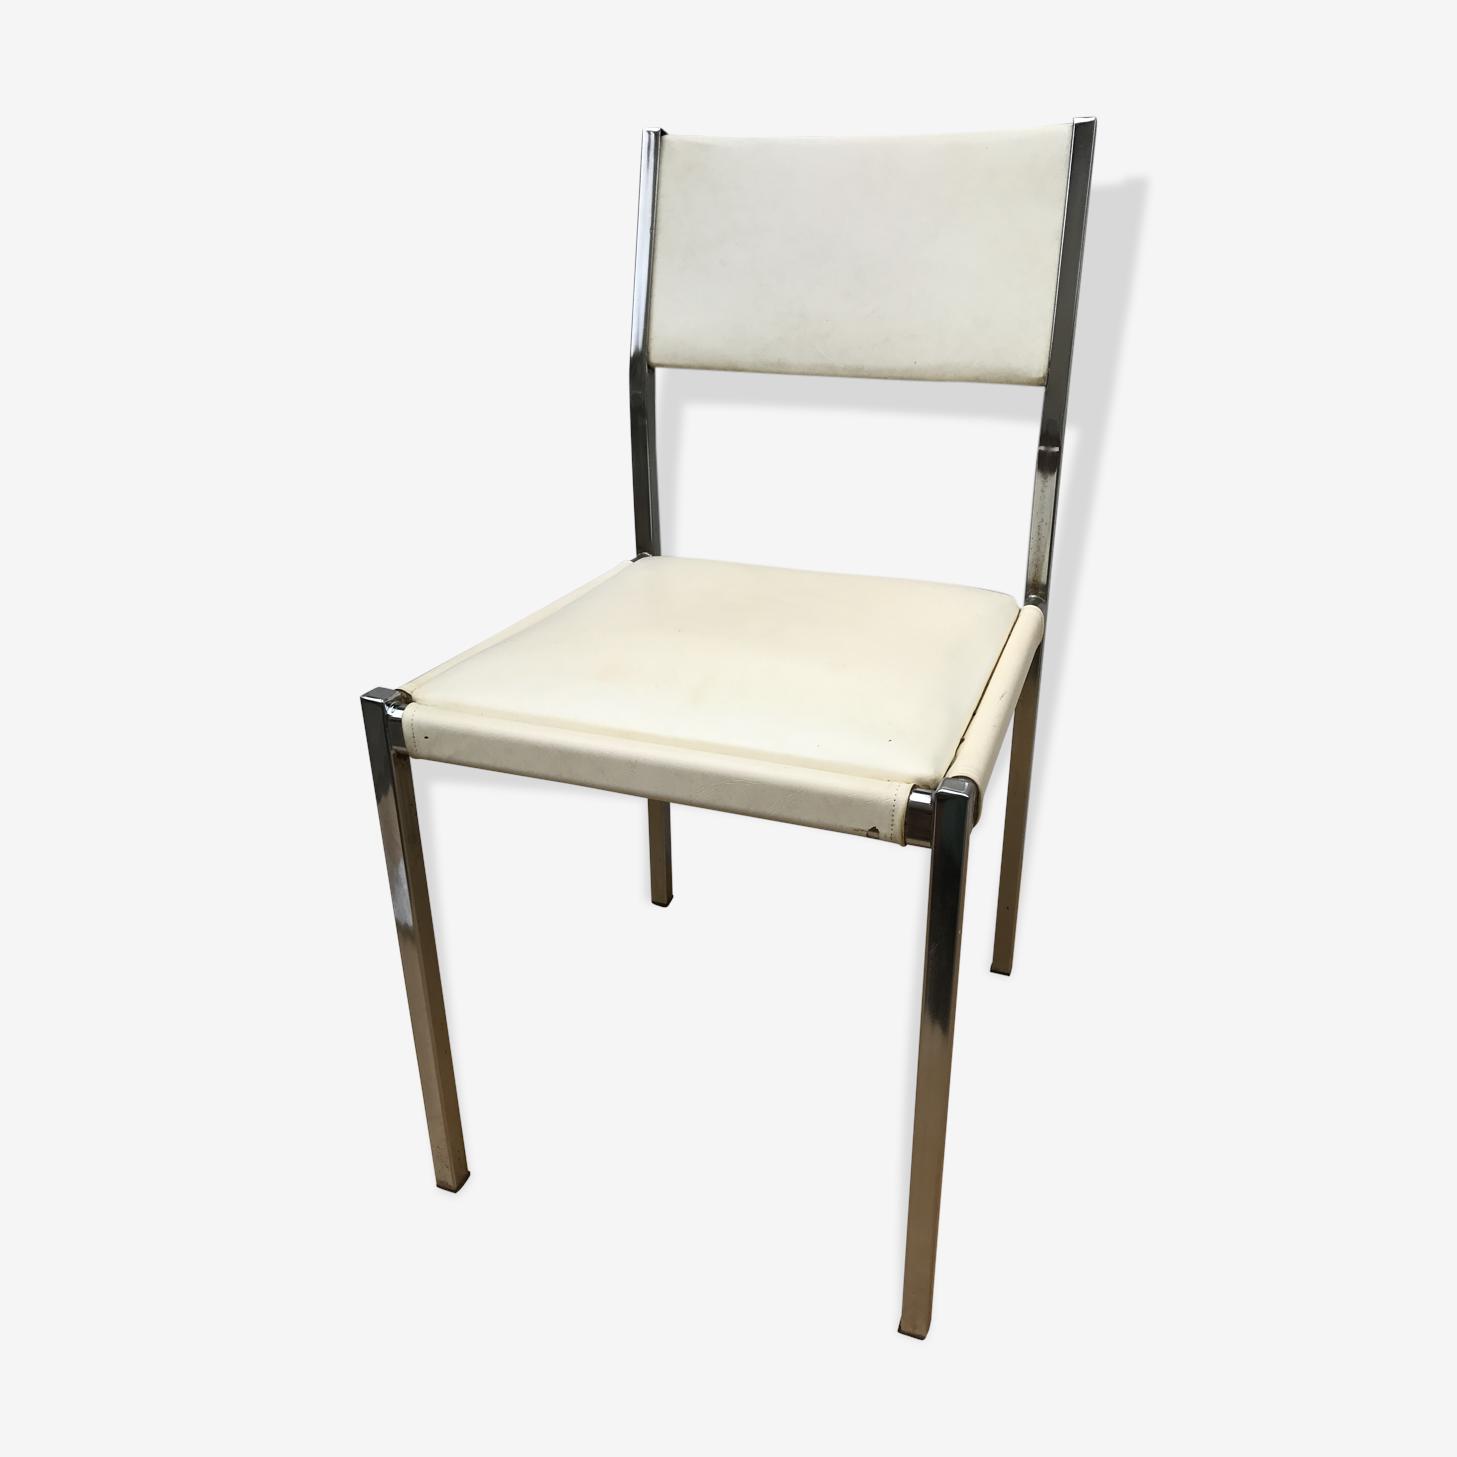 Ancienne chaise en métal année 70 avec structure en métal chromé